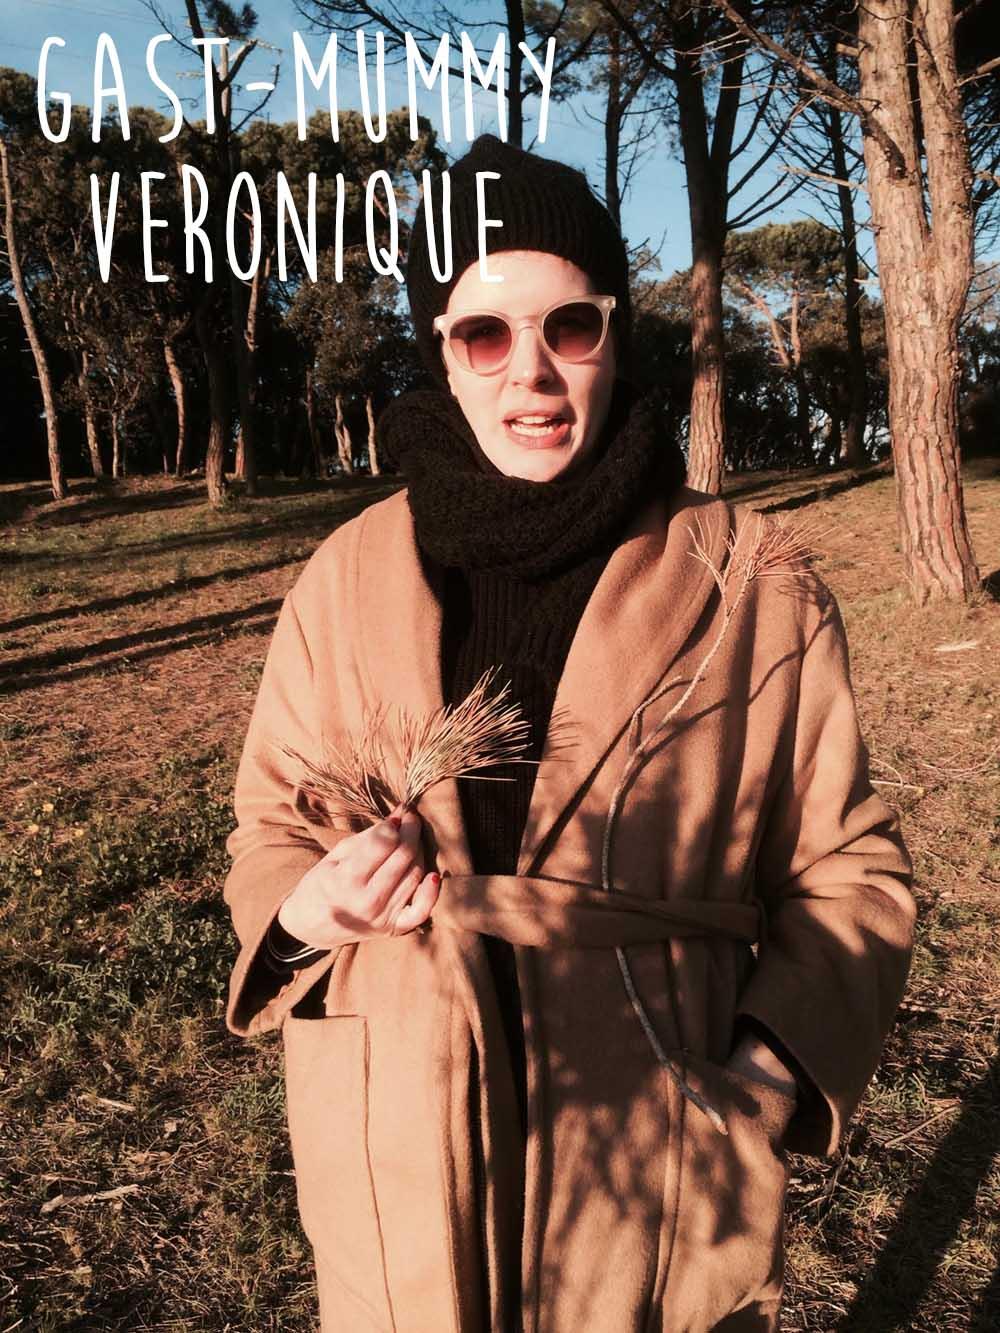 Gast_Mummy_Veronique_Titel